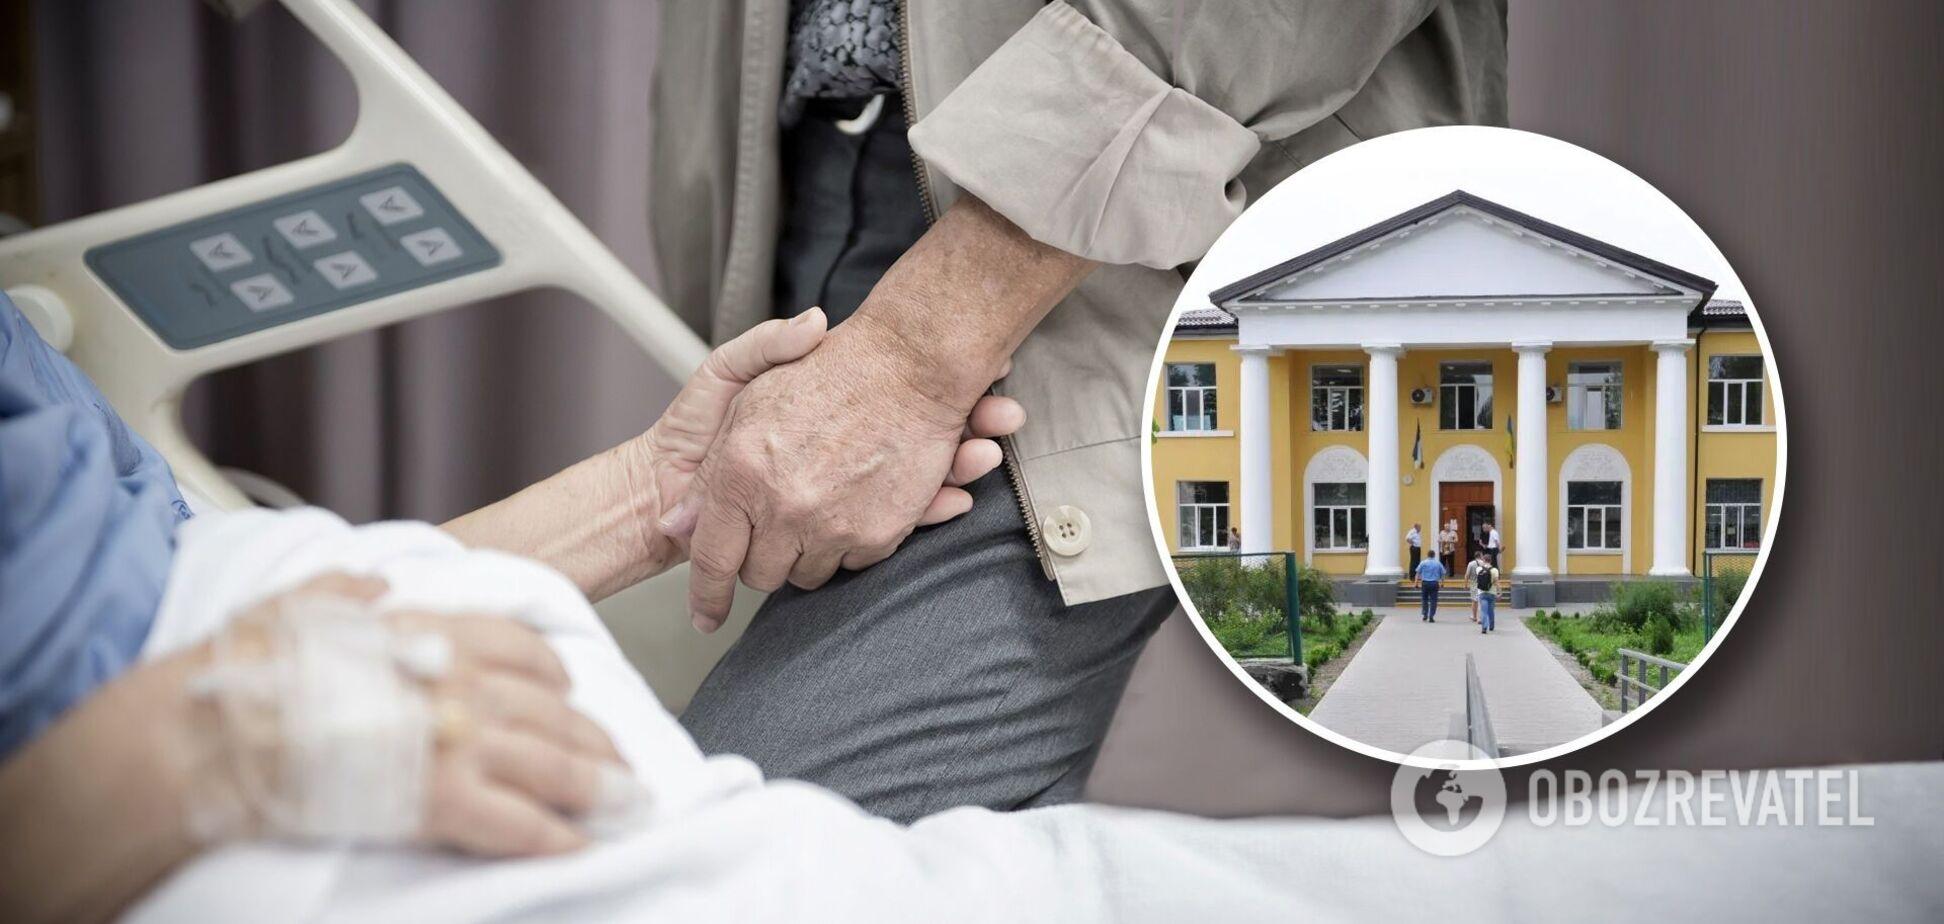 'Захлинемося без локдауну!' На Полтавщині нікому вивозити тіла, хворих на COVID-19 доводиться сортувати